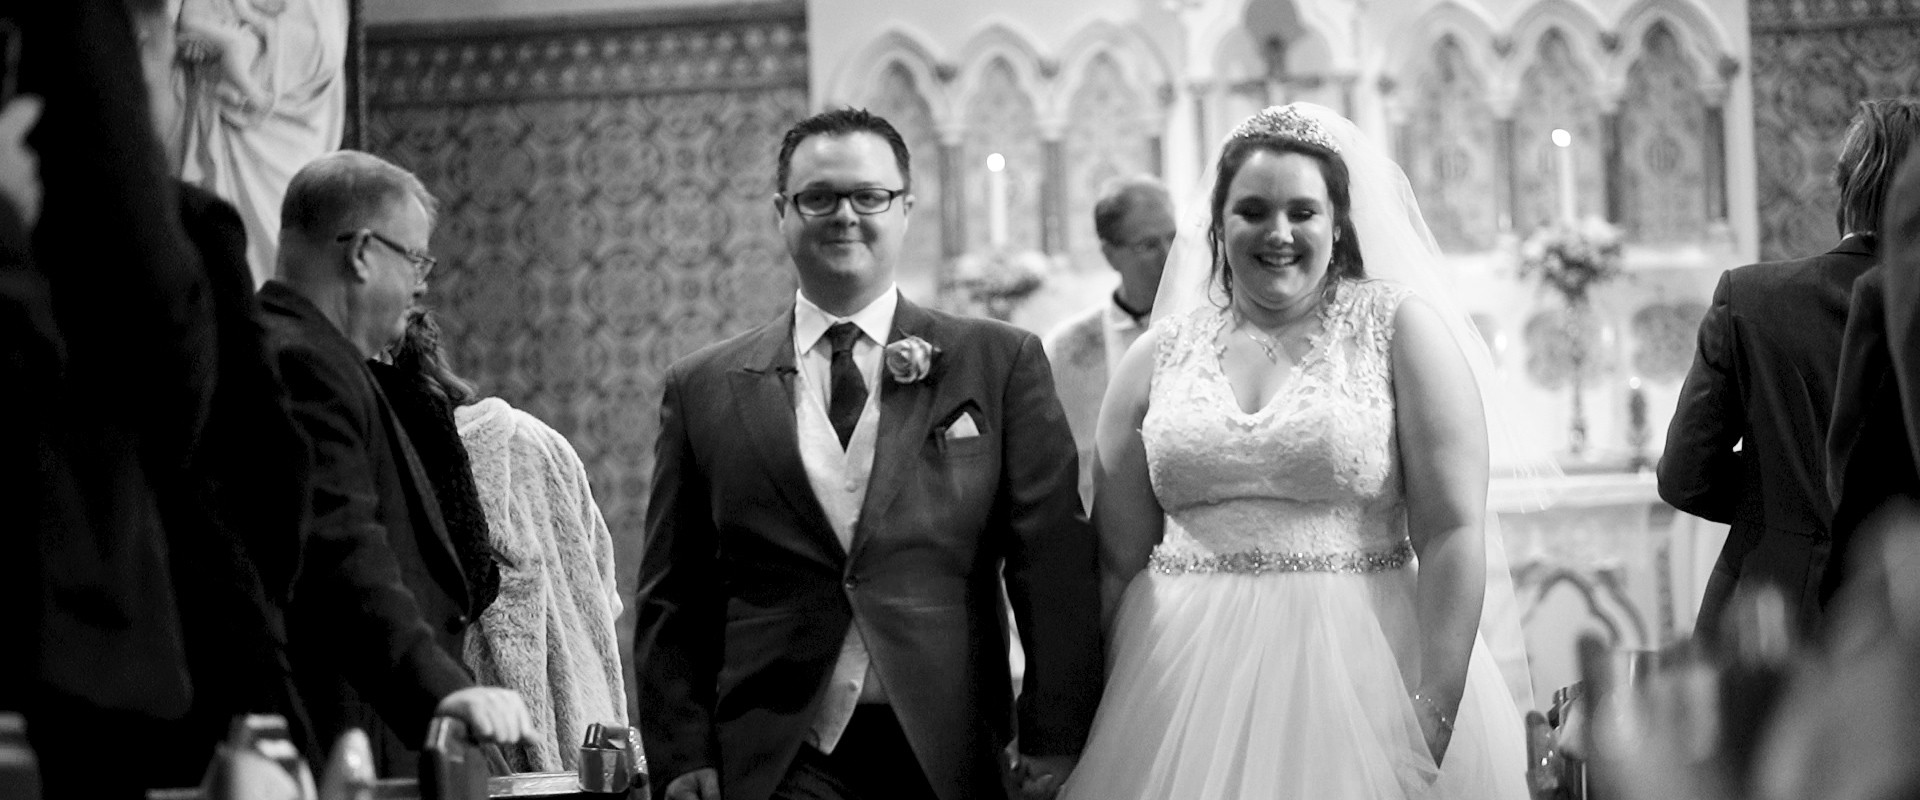 Wedding-ShortFilm-BW.00_04_11_01.Still03